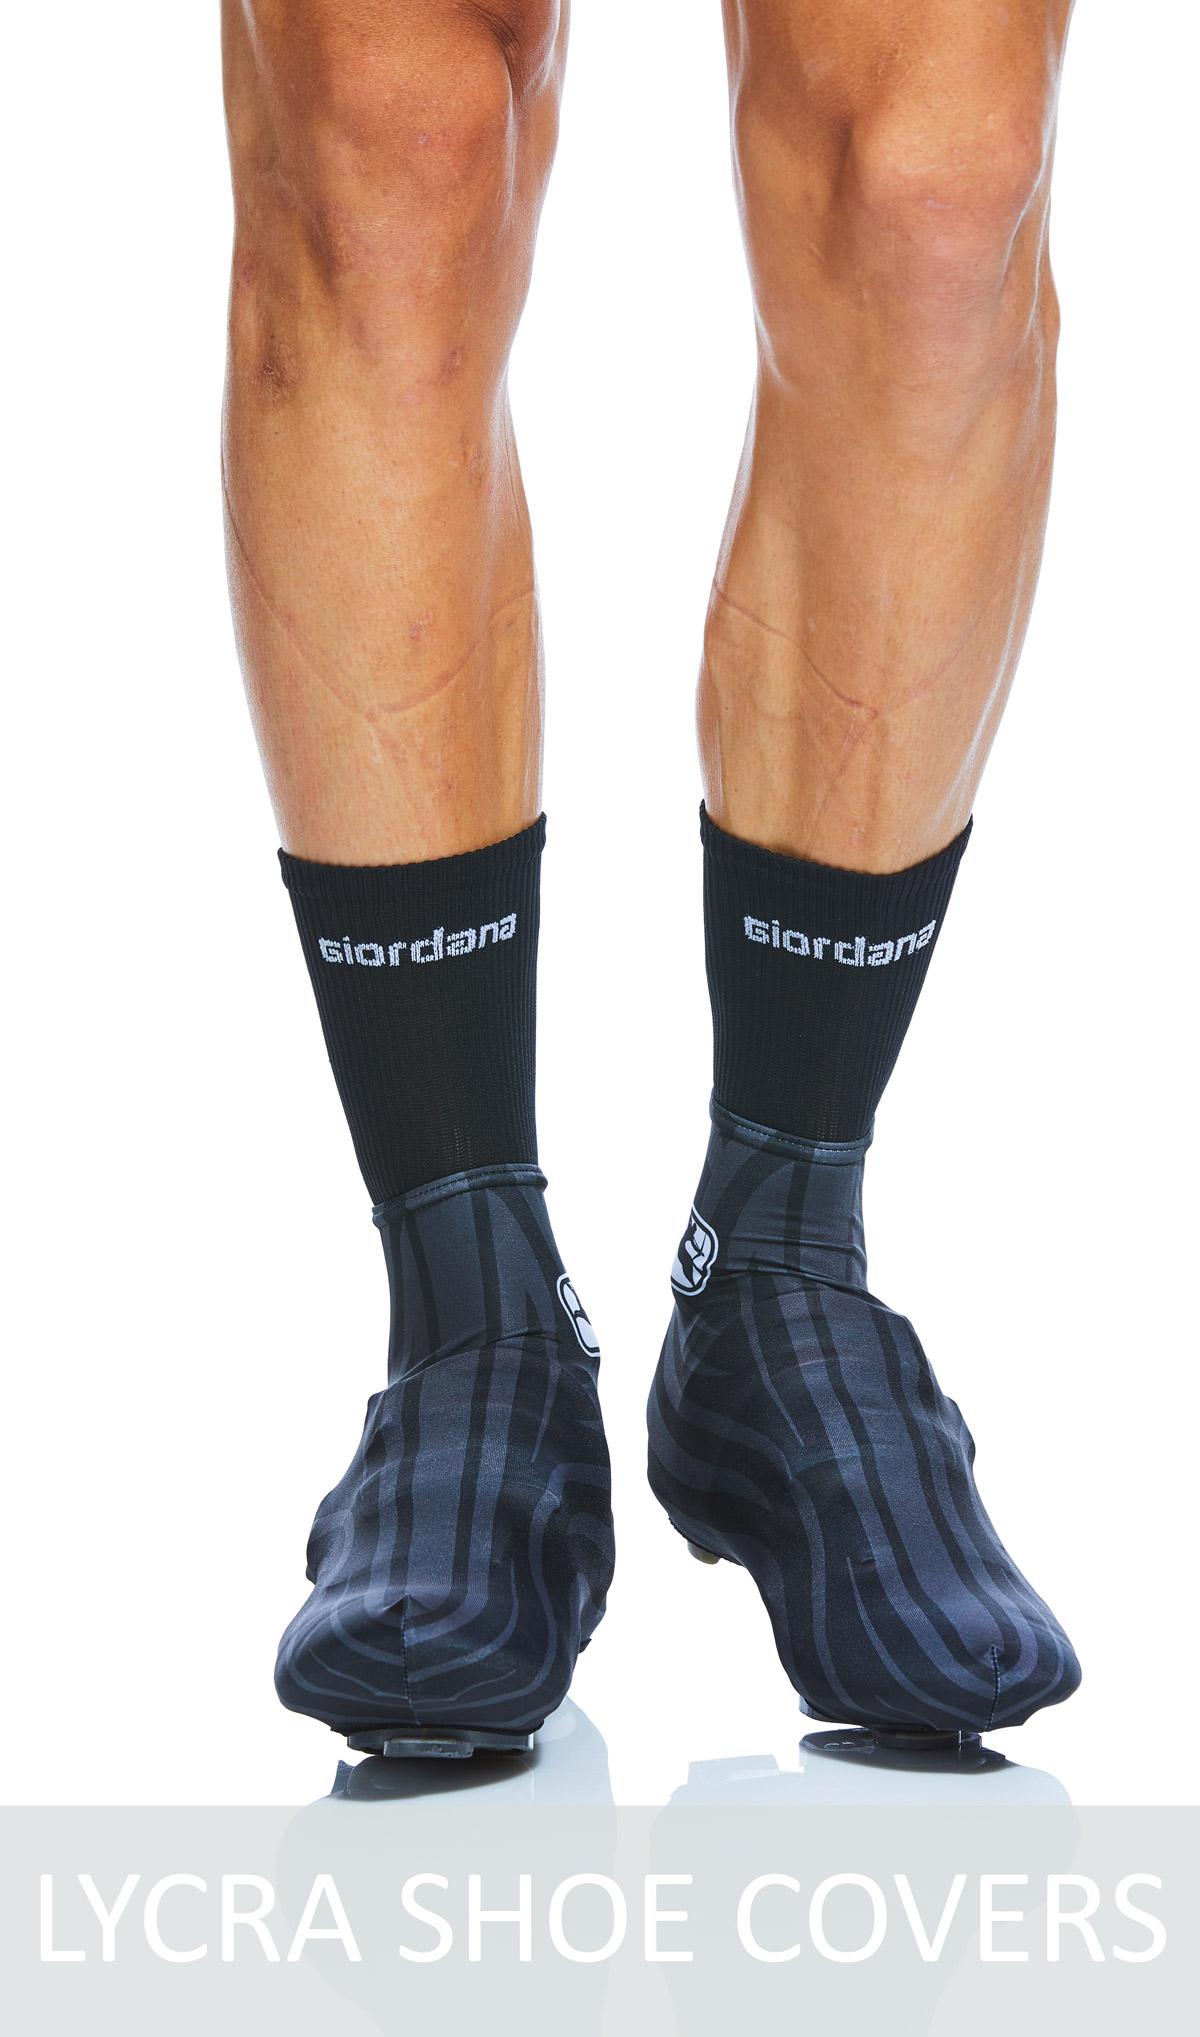 Lycra-Shoe-Covers.jpg